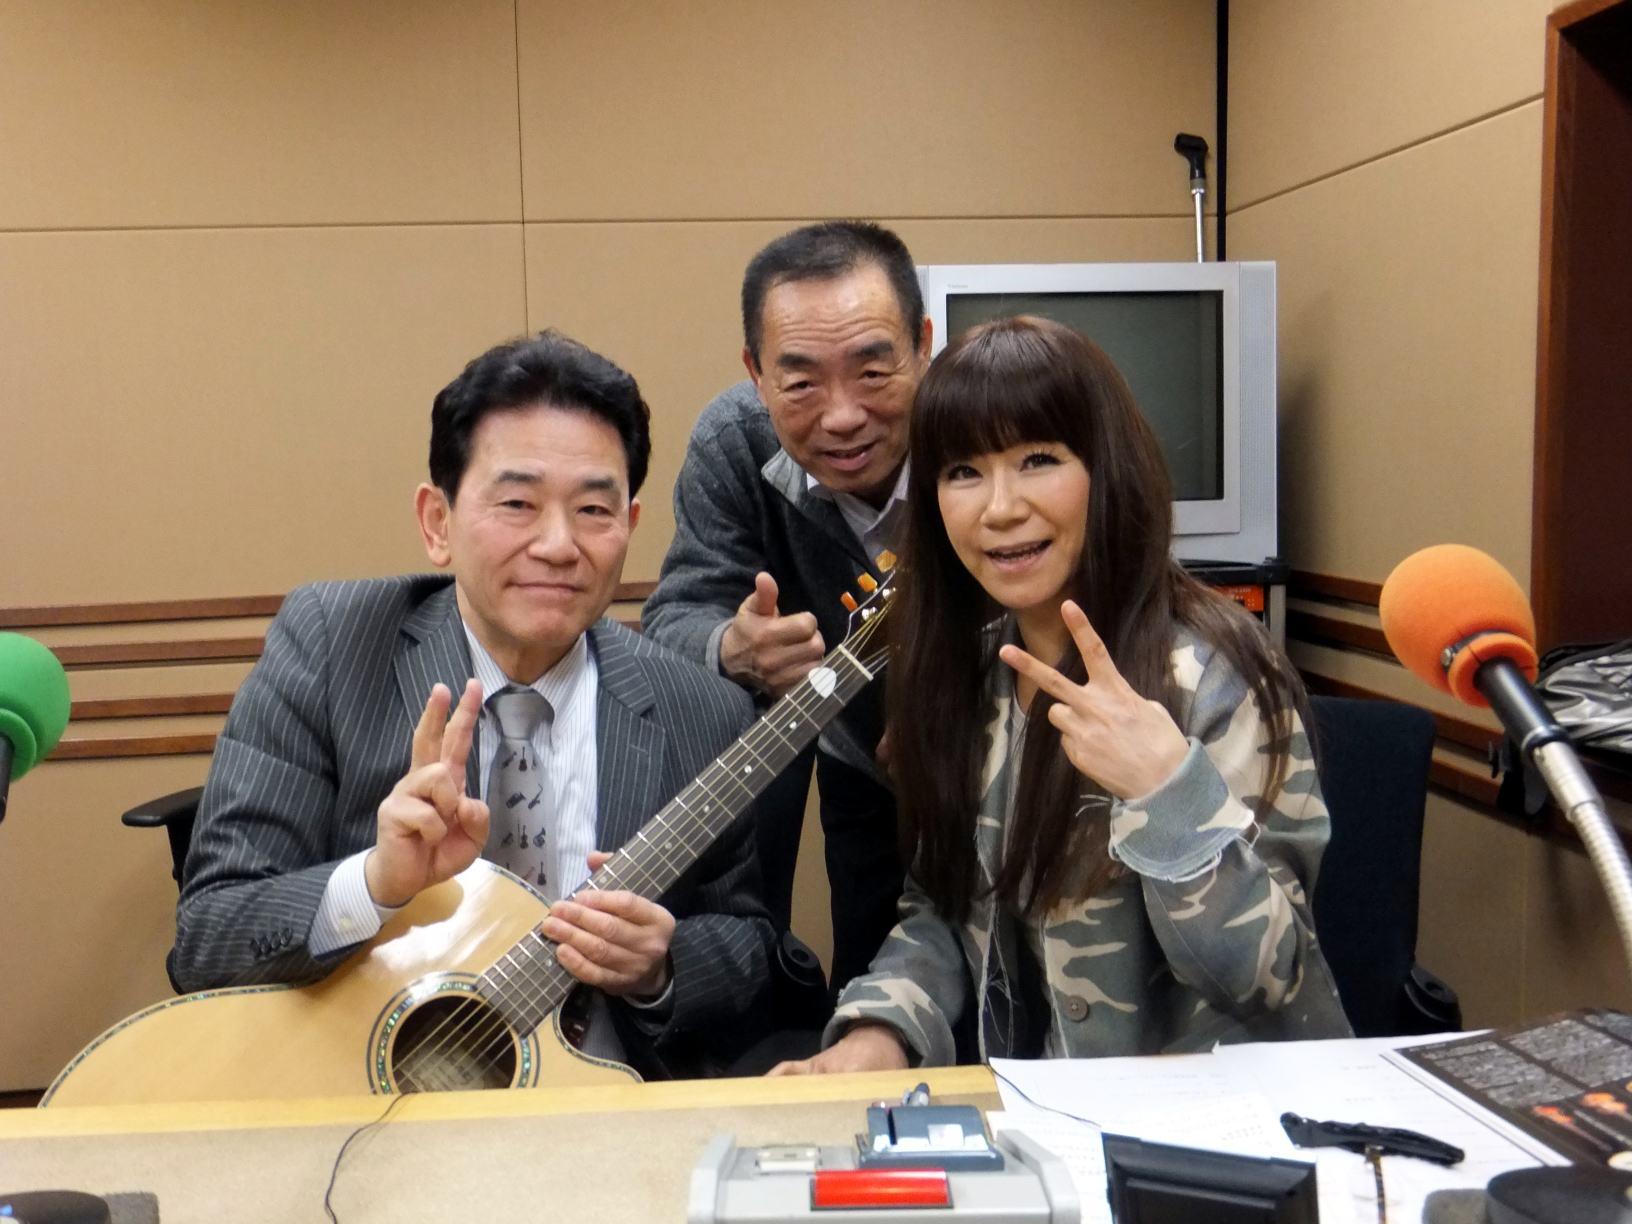 麻布台のラジオ日本で「演歌一直線」収録_e0119092_14252944.jpg